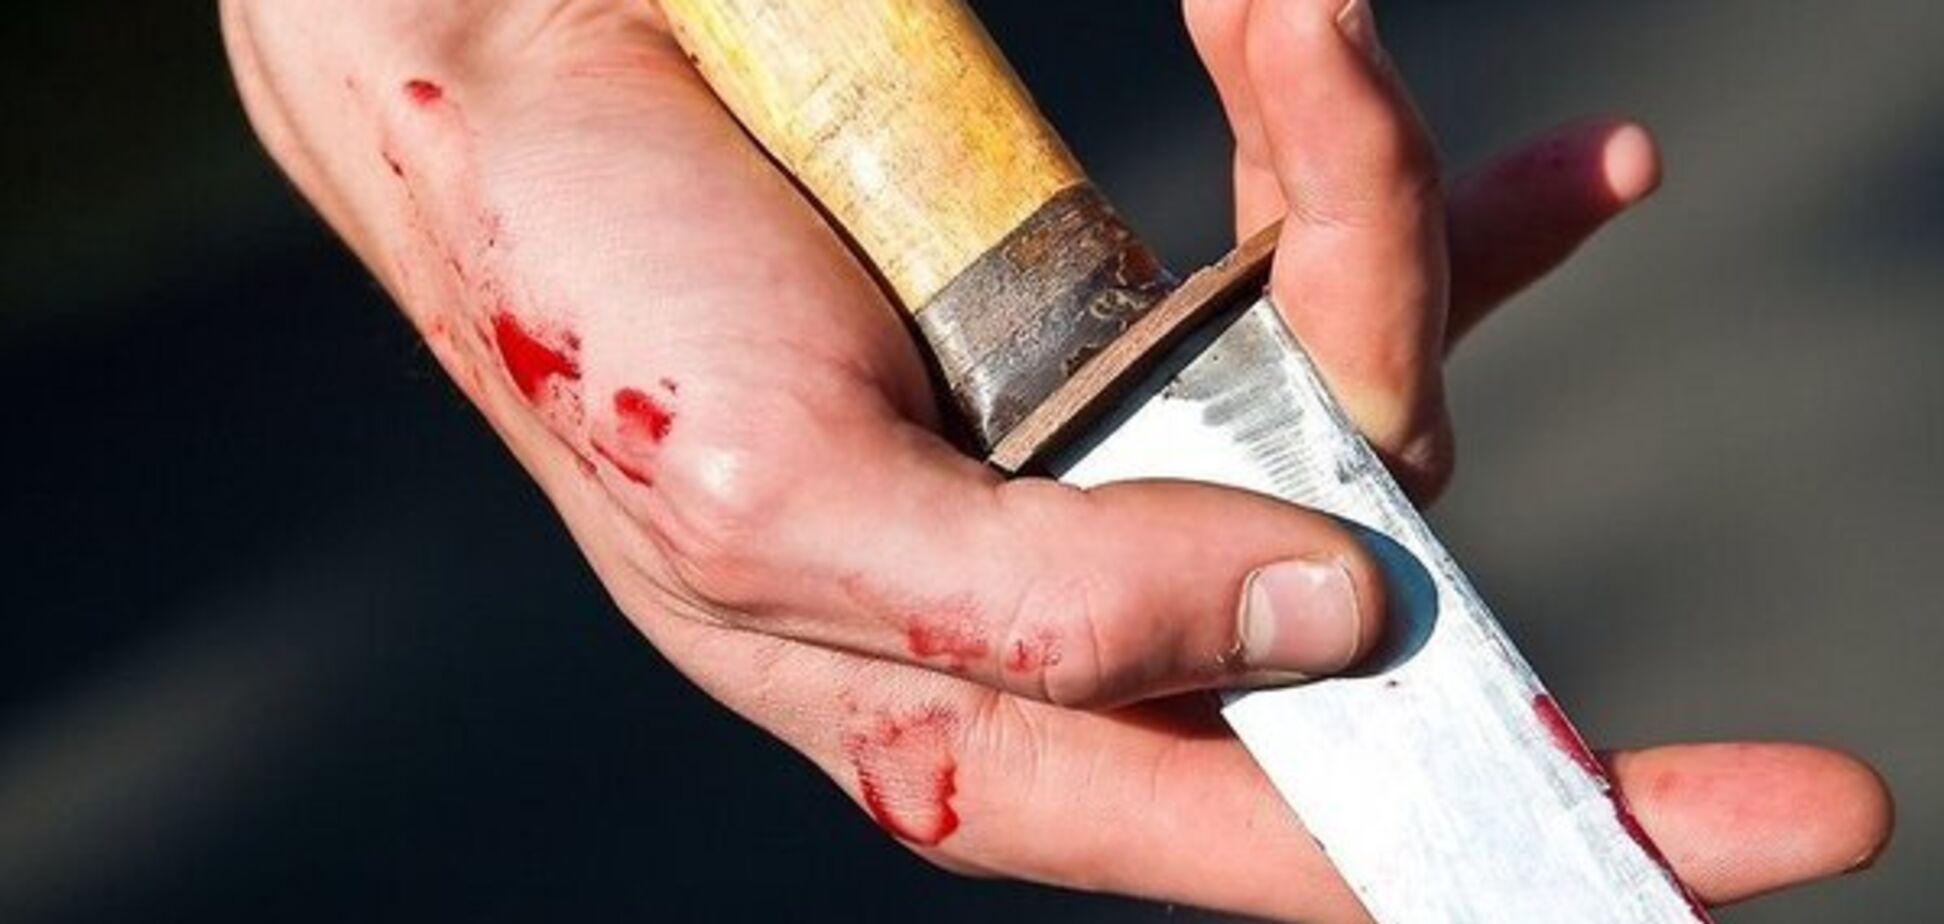 Зарізав і викинув: стали відомі подробиці вбивства в Дніпрі